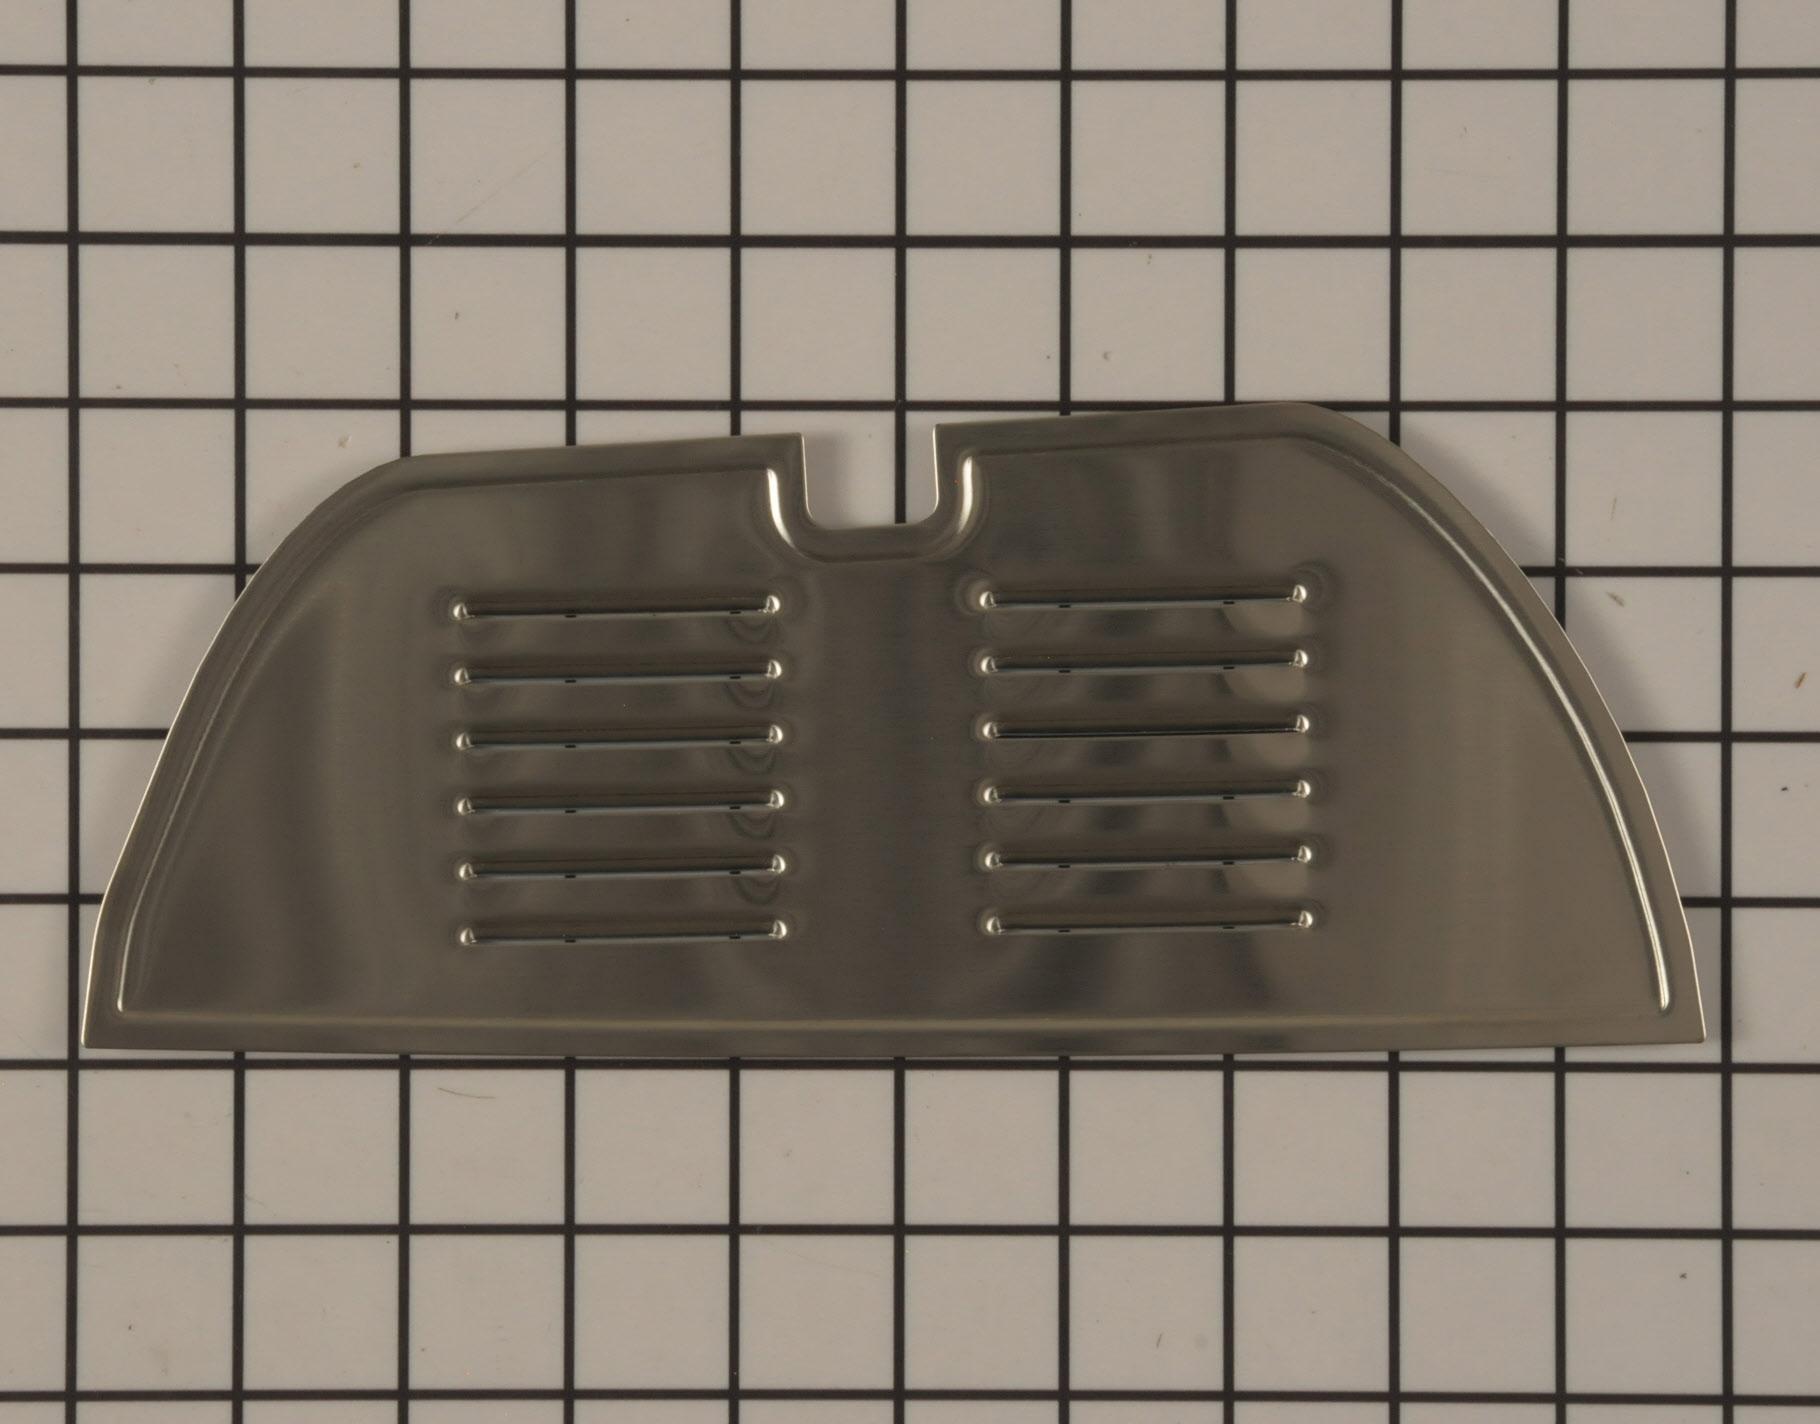 Refrigerator Part #  - Grille - Genuine OEM Part - KitchenAid W10215957